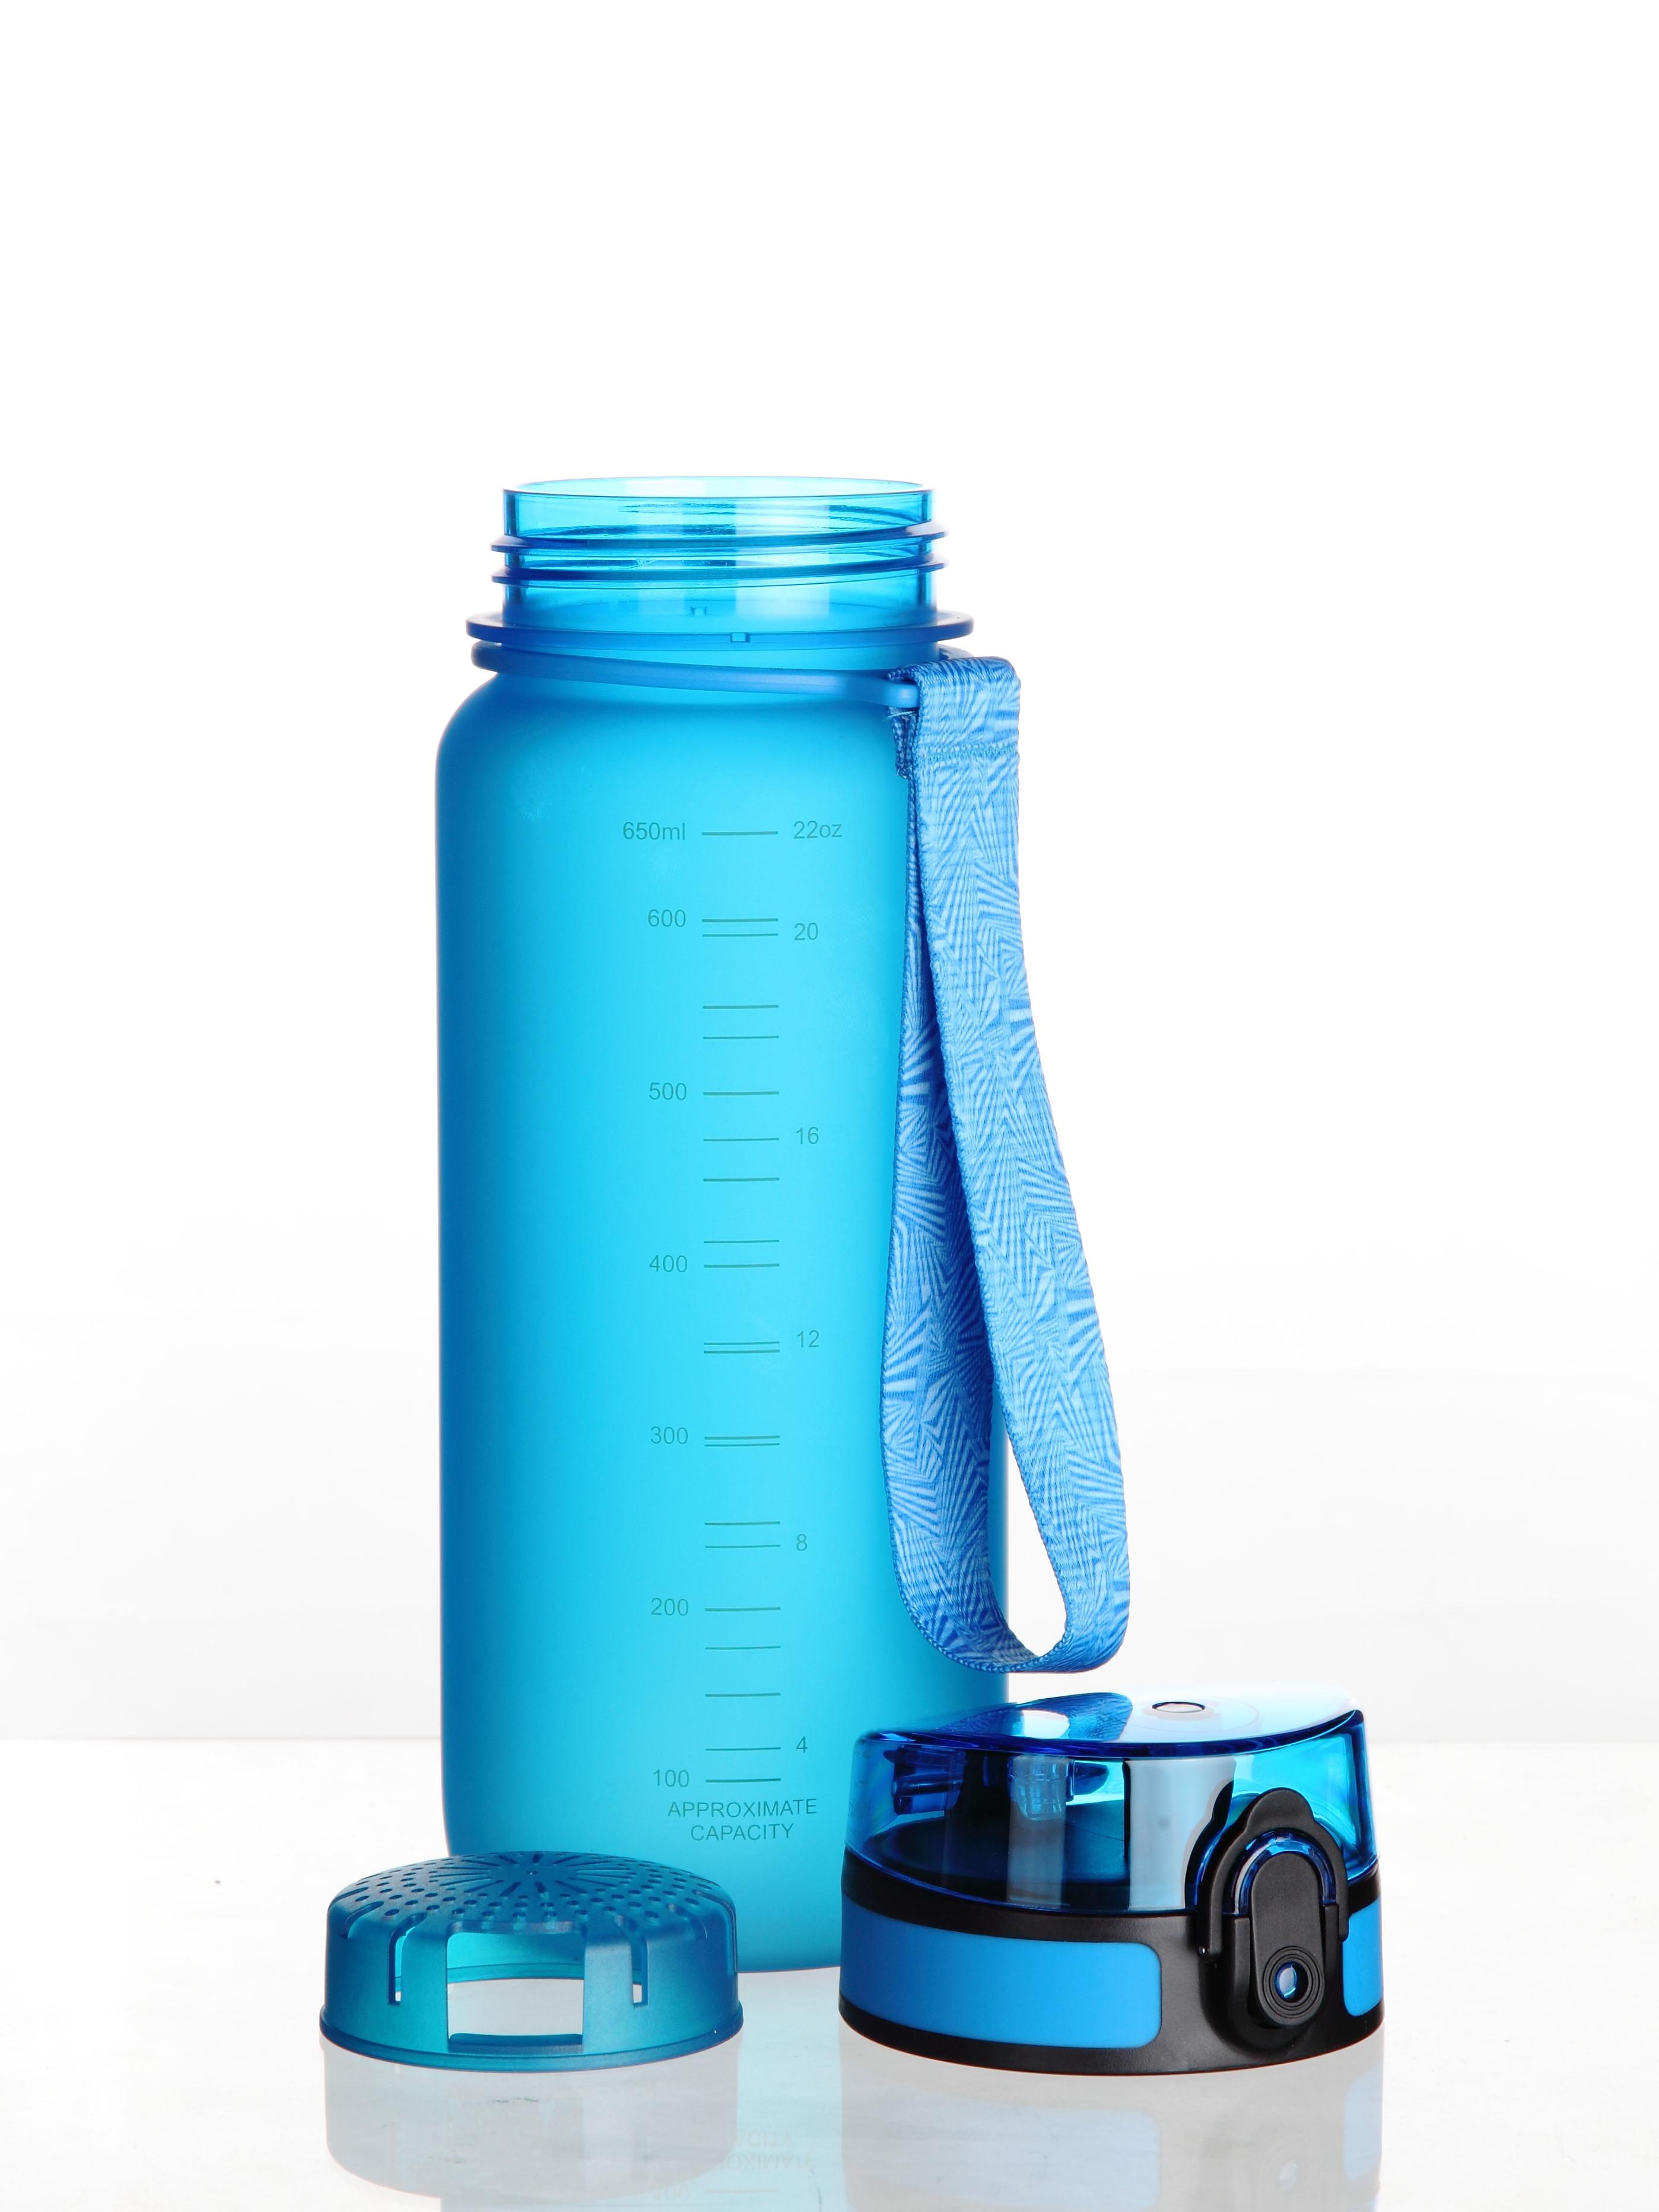 Бутылка для воды UZSPACE Colorful Frosted, цвет: синий, 650 мл (2857)